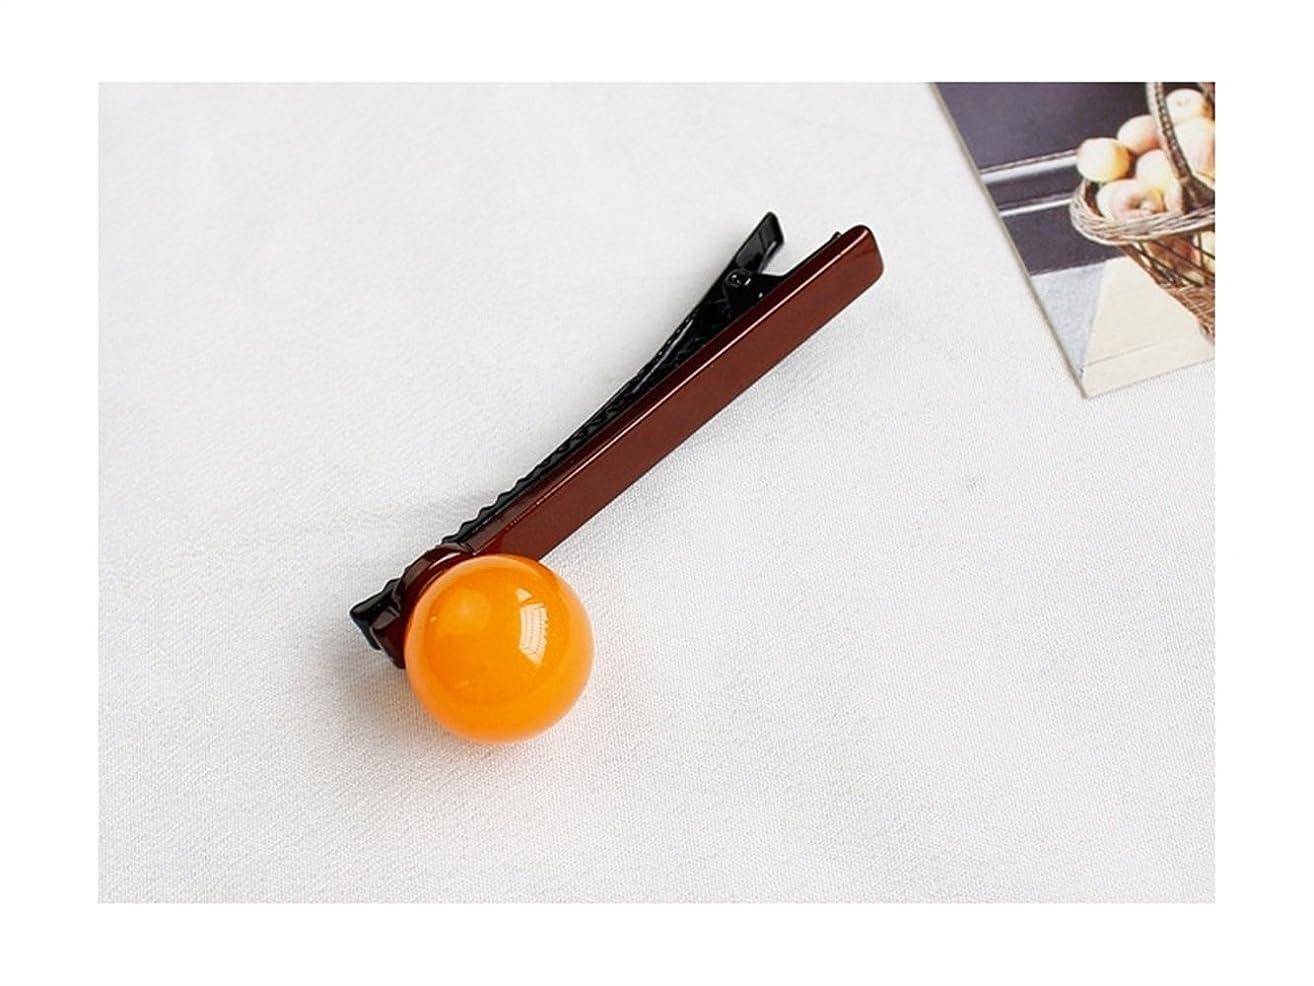 蒸し器出撃者洪水Osize 美しいスタイル ラウンドボールキャンディーカラーバングルヘアピンダックビルクリップサイドクリップ(オレンジ+ダークコーヒー)